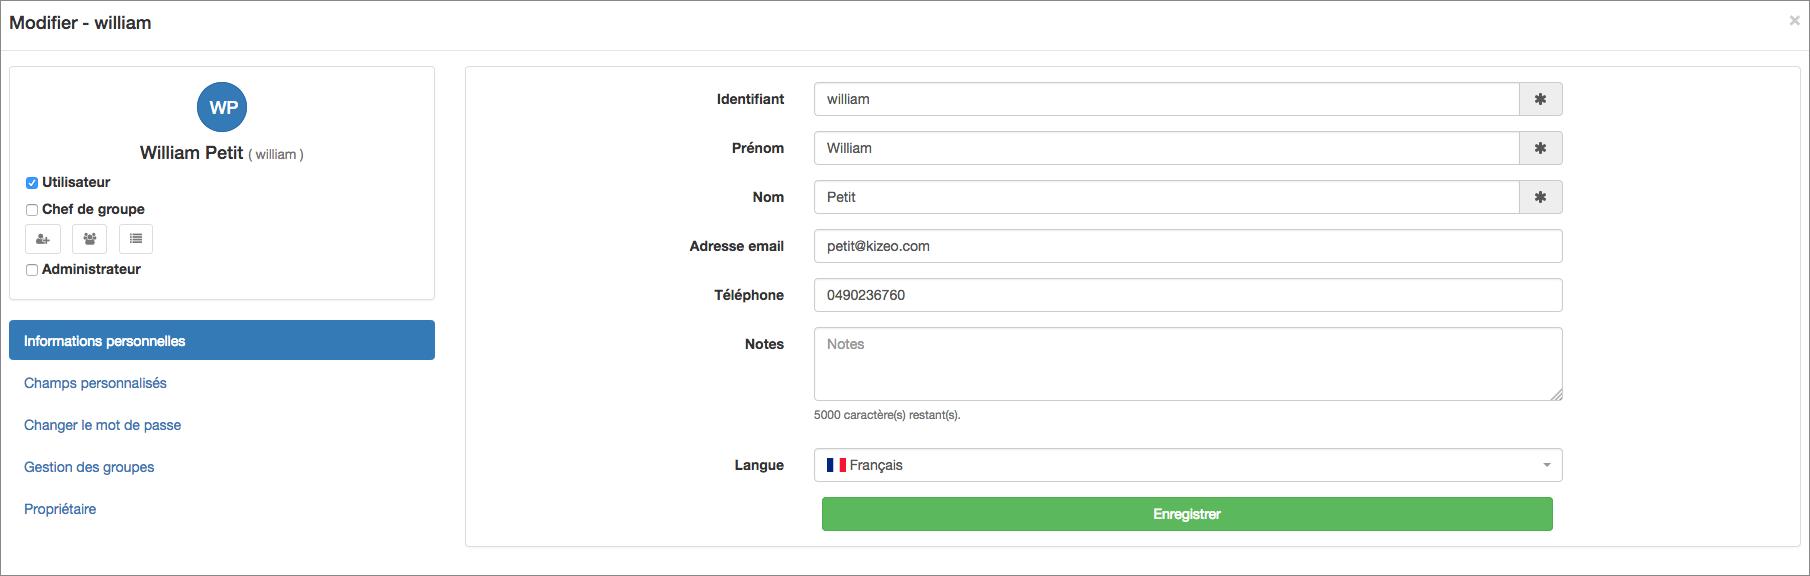 cliquer sur valider et continuer en modification afin d'aller encore plus loin dans la configuration du profil de votre utilisateur